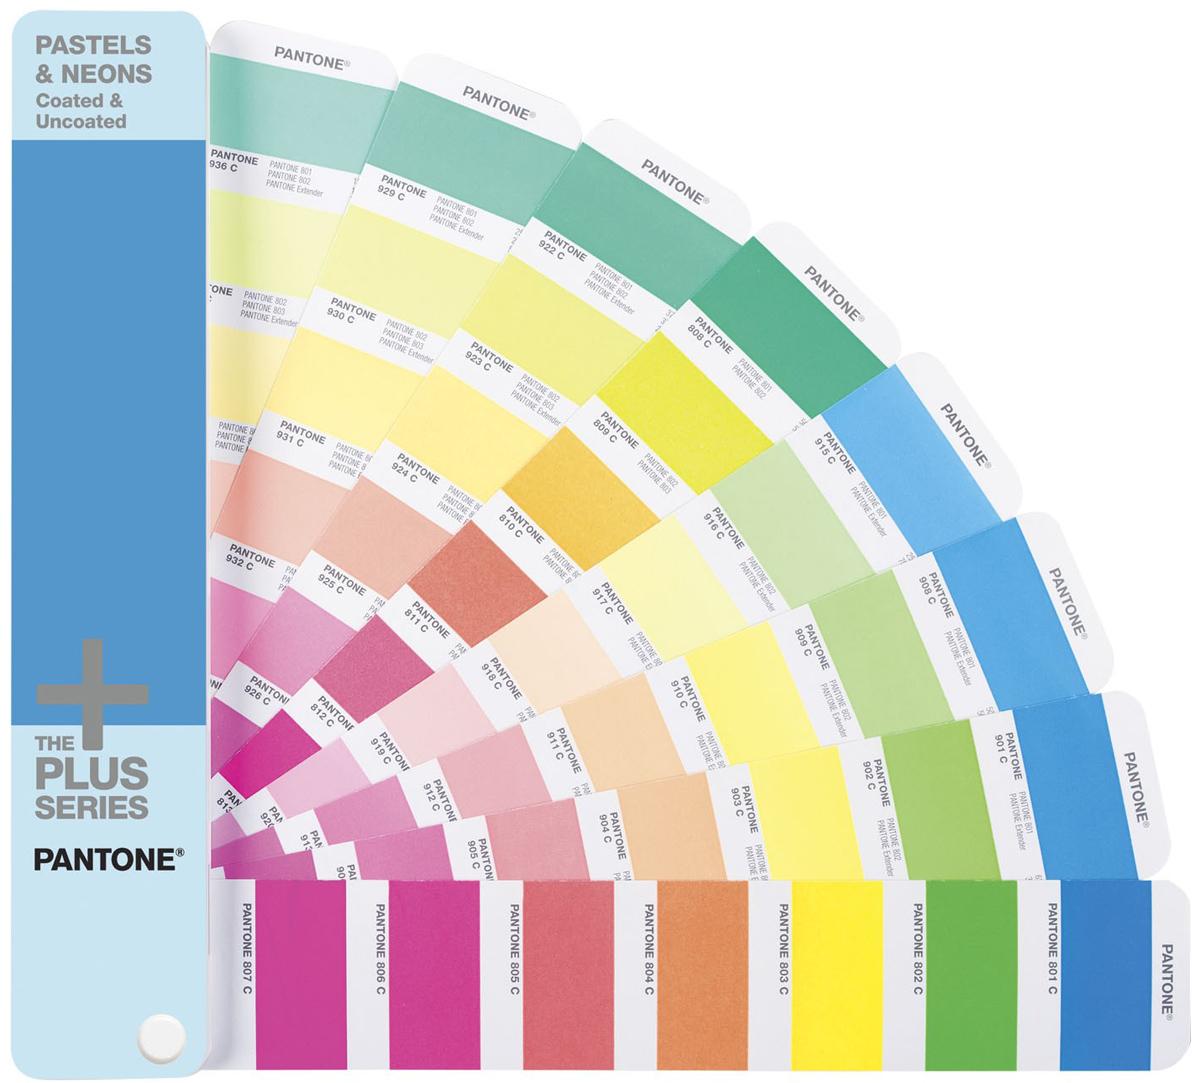 Купить Pantone Pastels & Neons Guide Coated/Uncoated (GG1504) - цветовой справочник